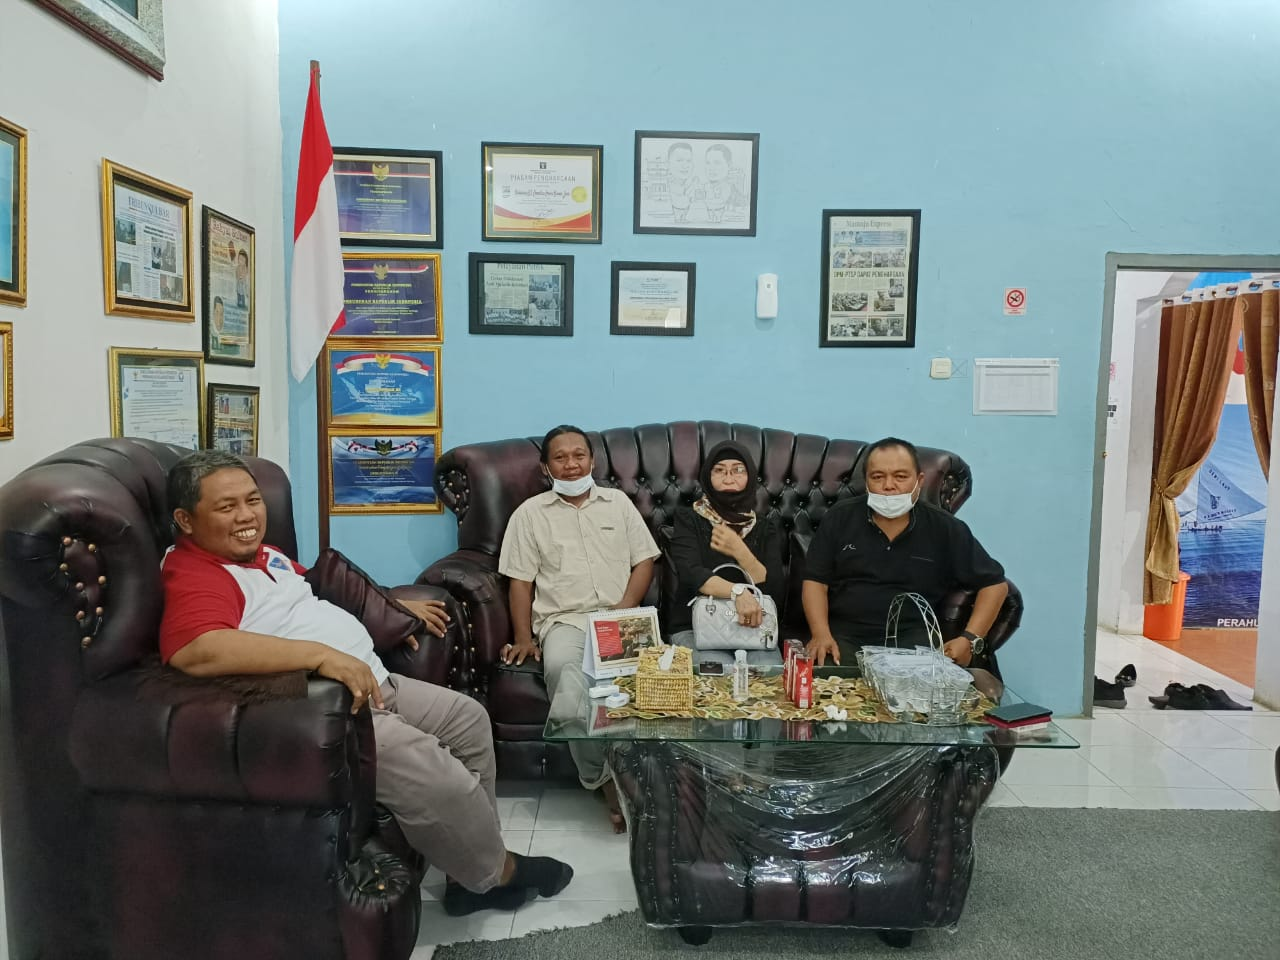 img Pelayanan PTSP Mamuju dikeluhkan, Warga Jakarta Ini melapor ke Ombudsman